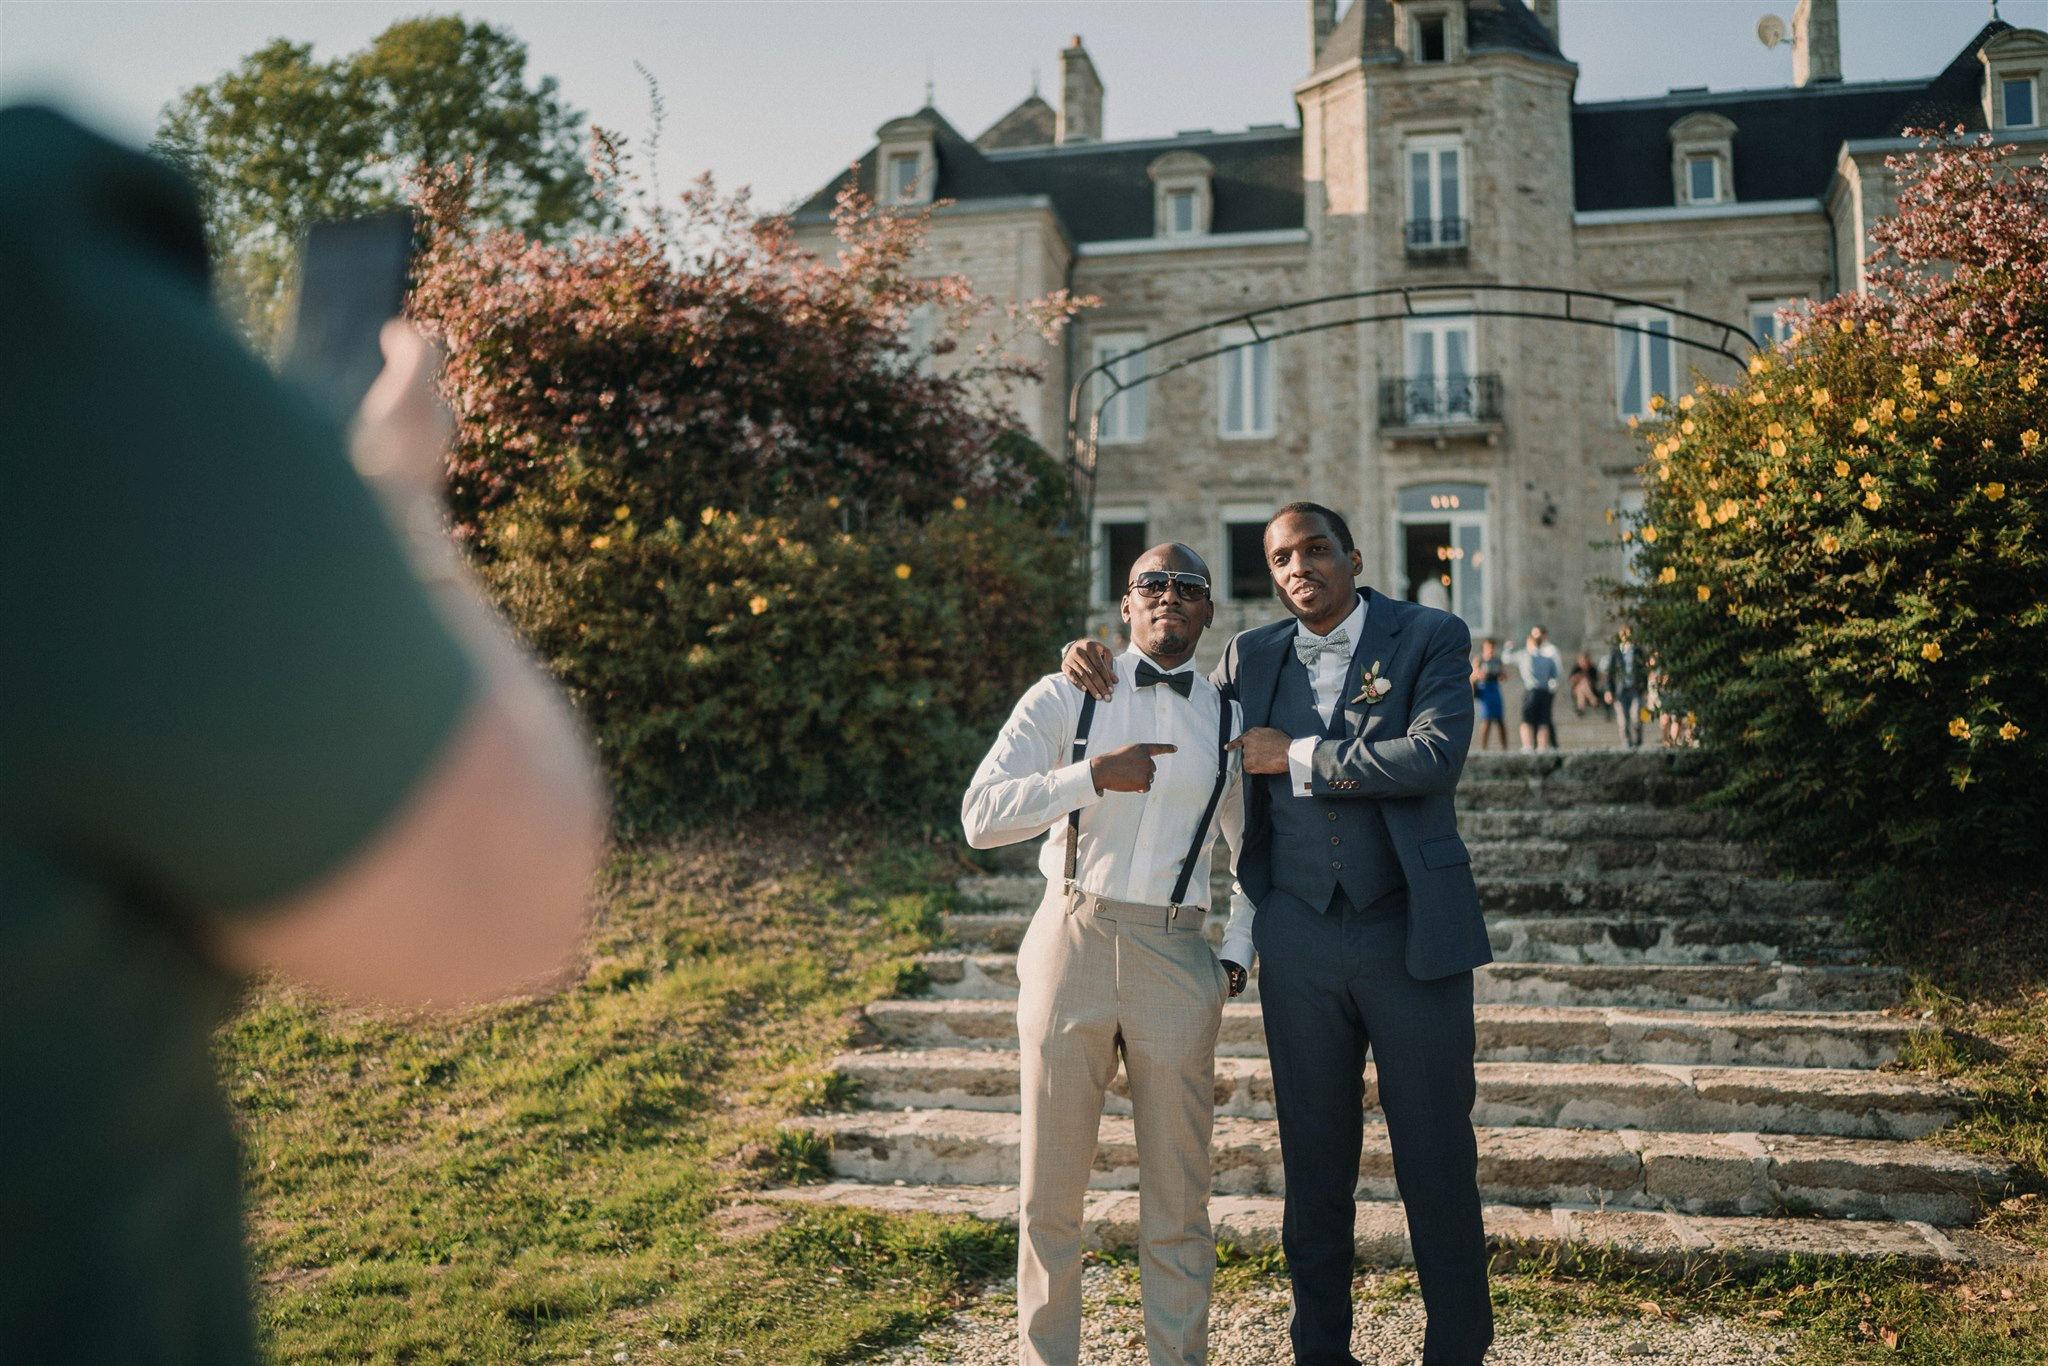 Elsa Yannick Photo De Mariage Au Manoir De Kerhuel À Plounéour Lanvern 20septembre12A7303244 Www.antoineborzeix.fr , Photographe & Videaste à Brest / Finistère